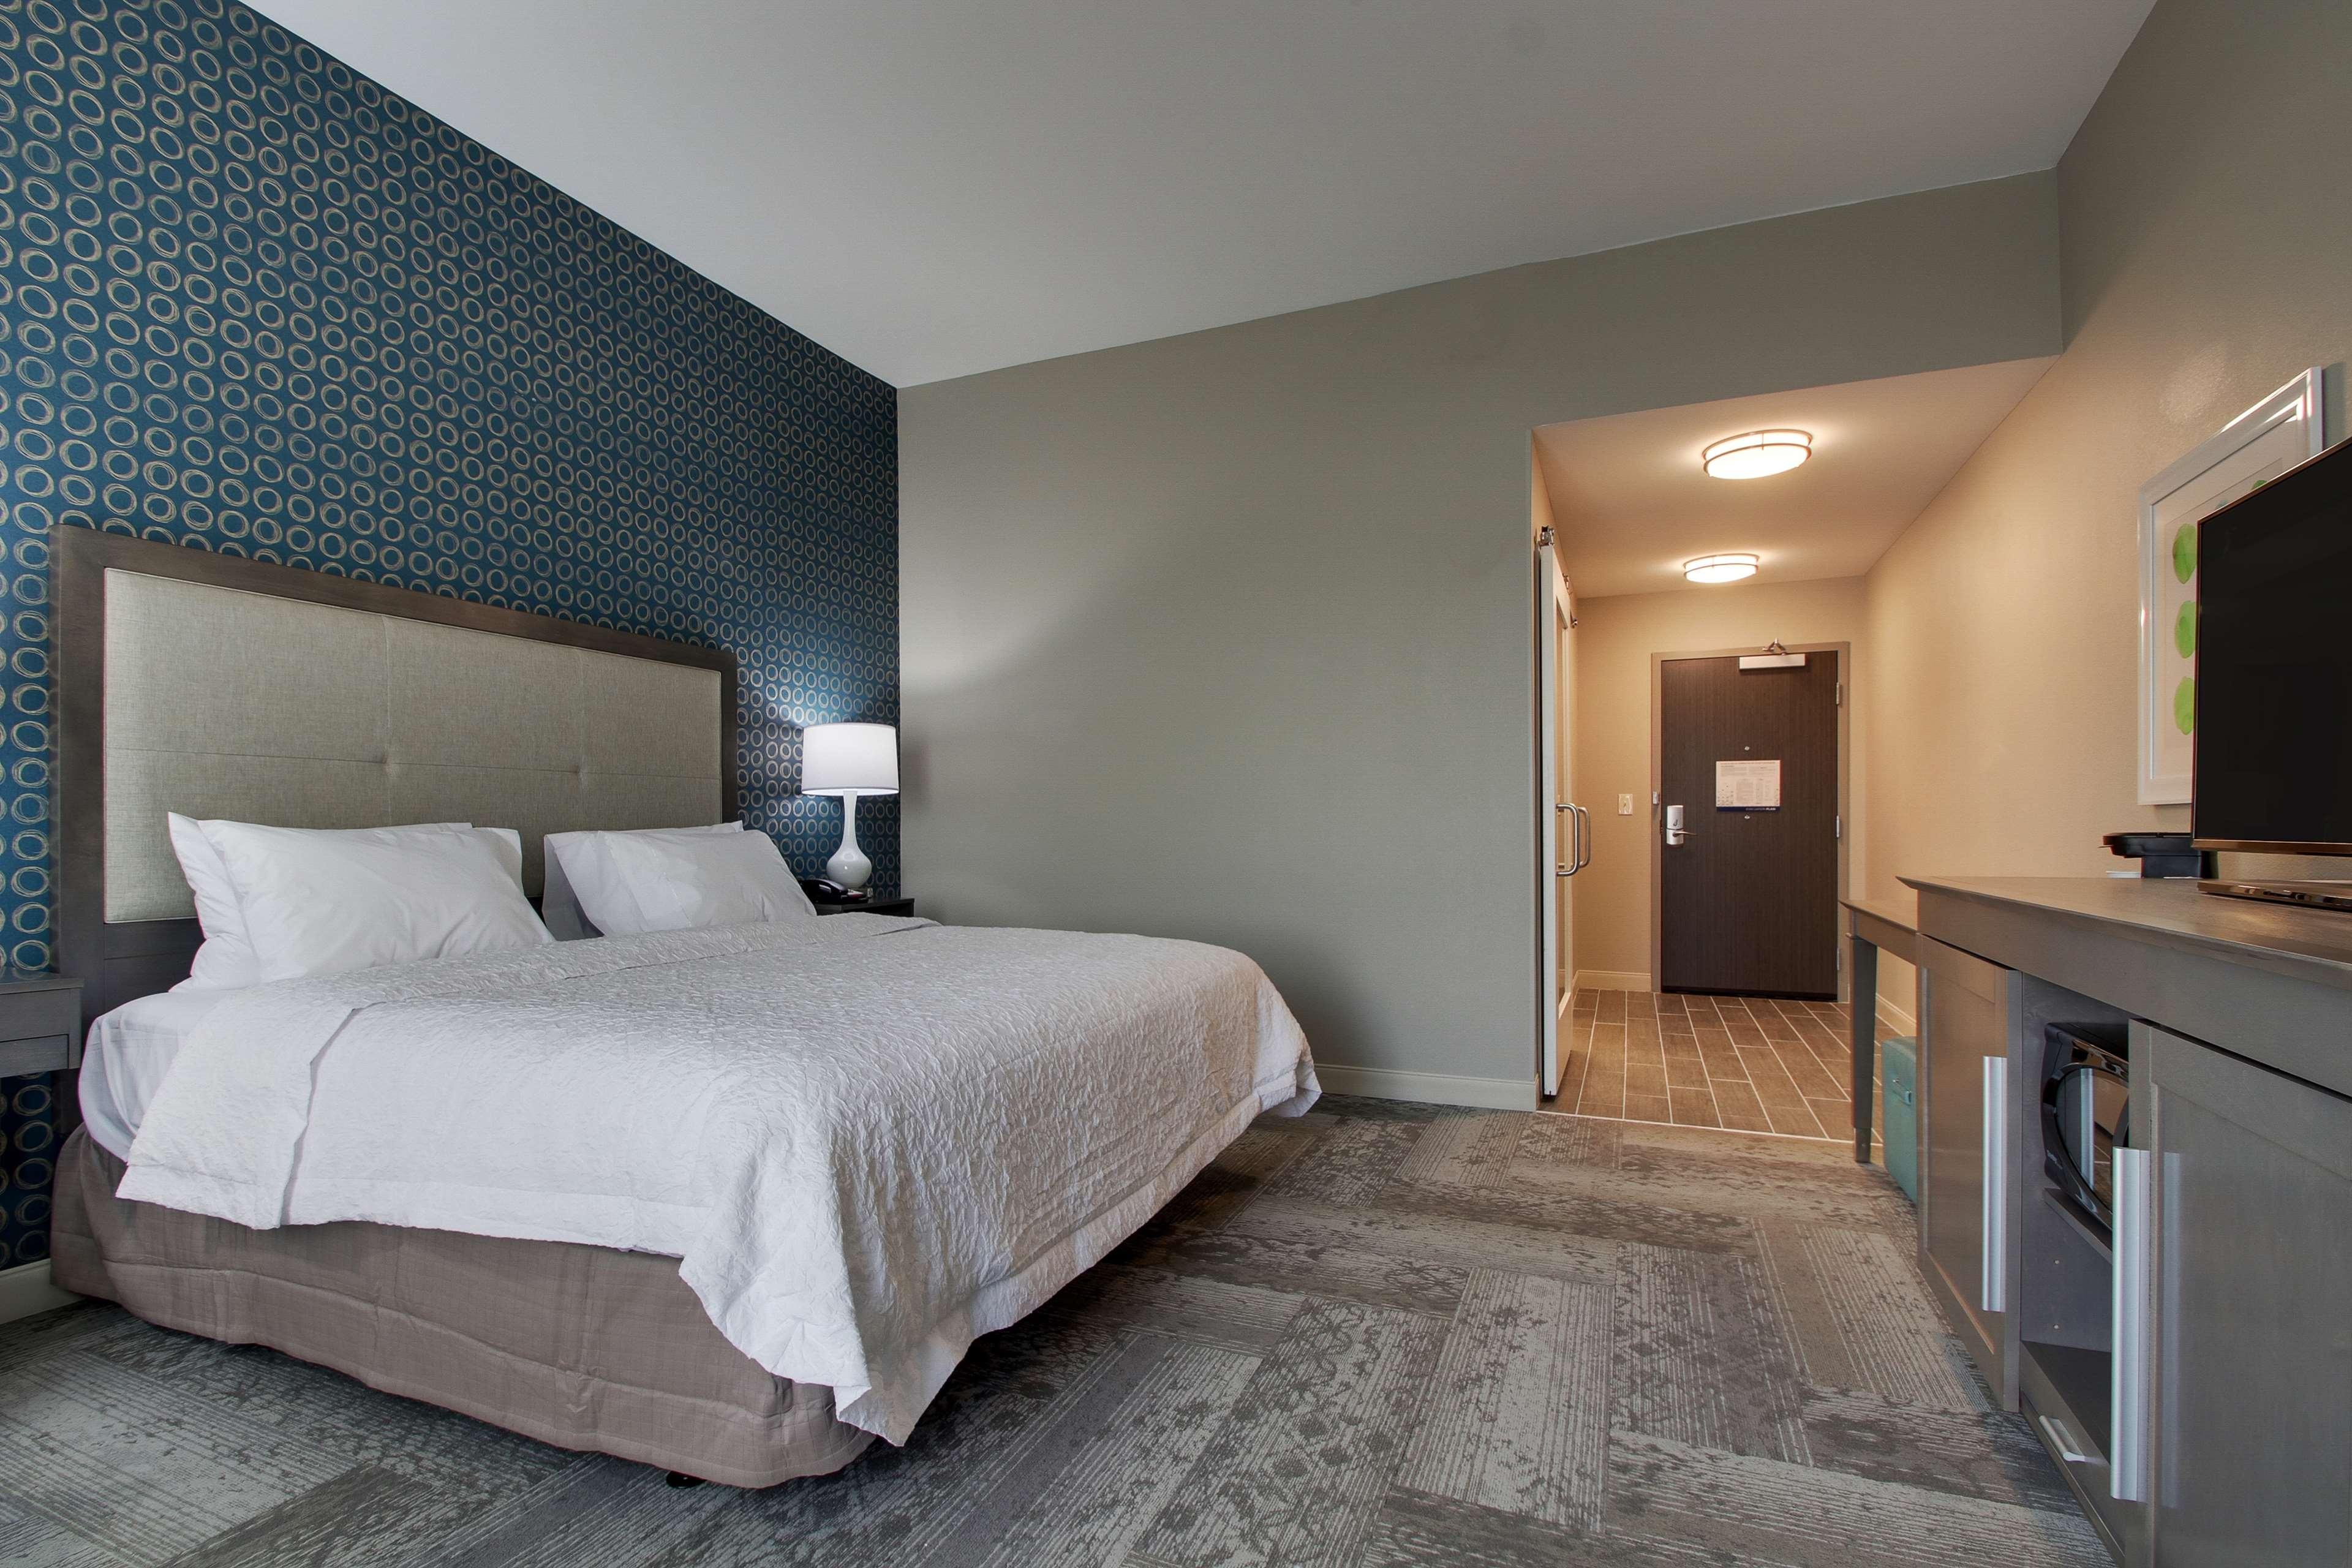 Hampton Inn & Suites Knightdale Raleigh image 30